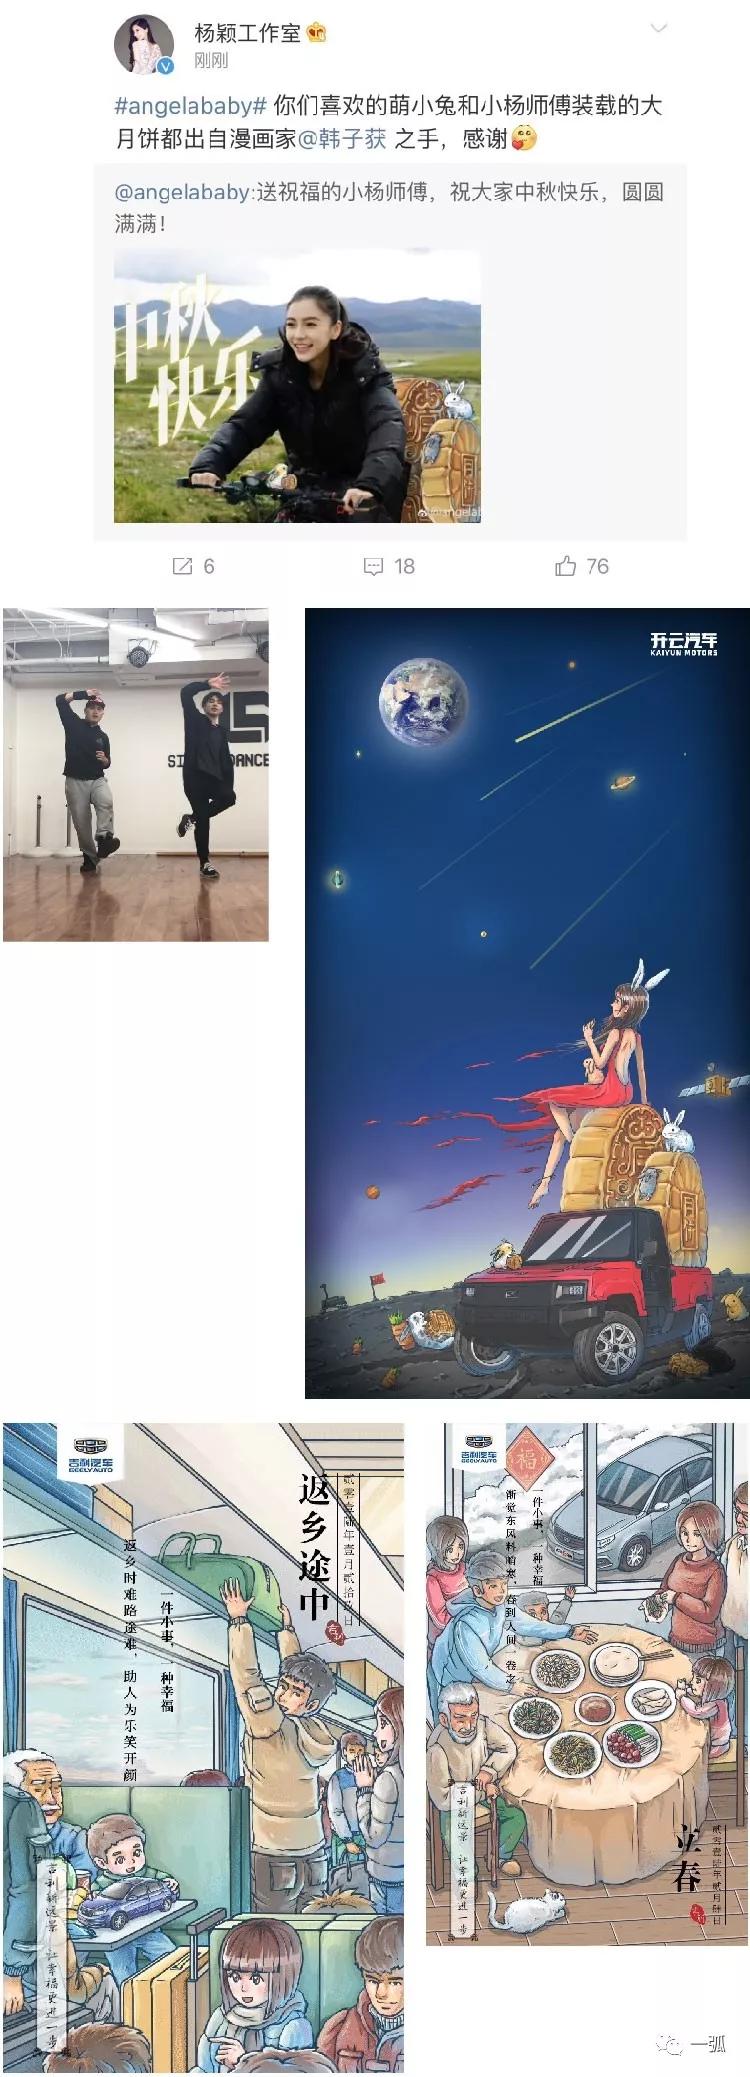 韩子获的作品得到了许多明星和品牌的认可